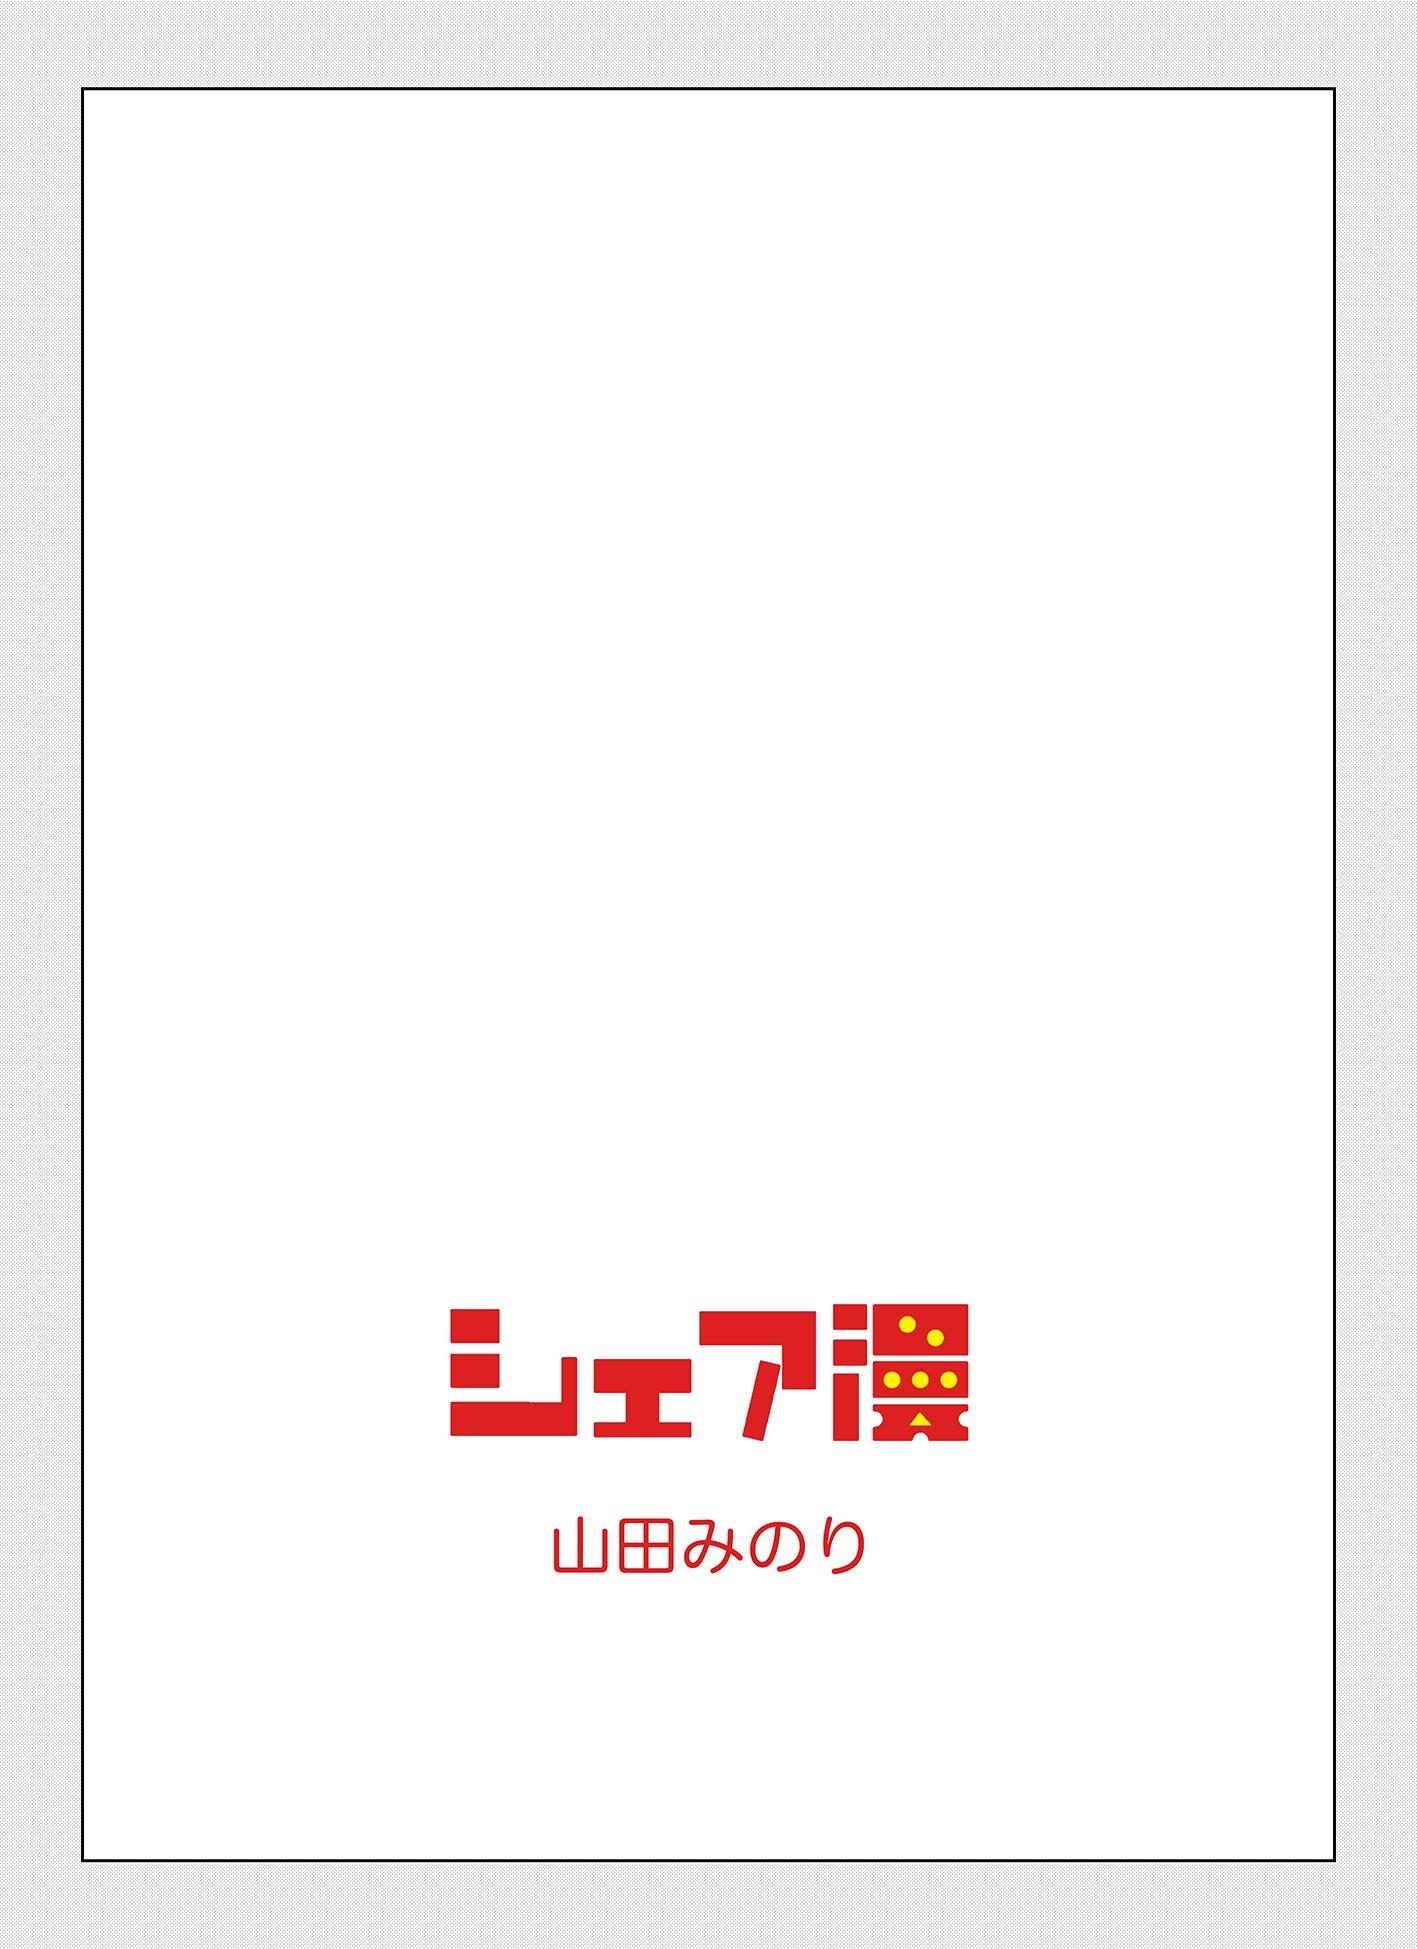 share13_002